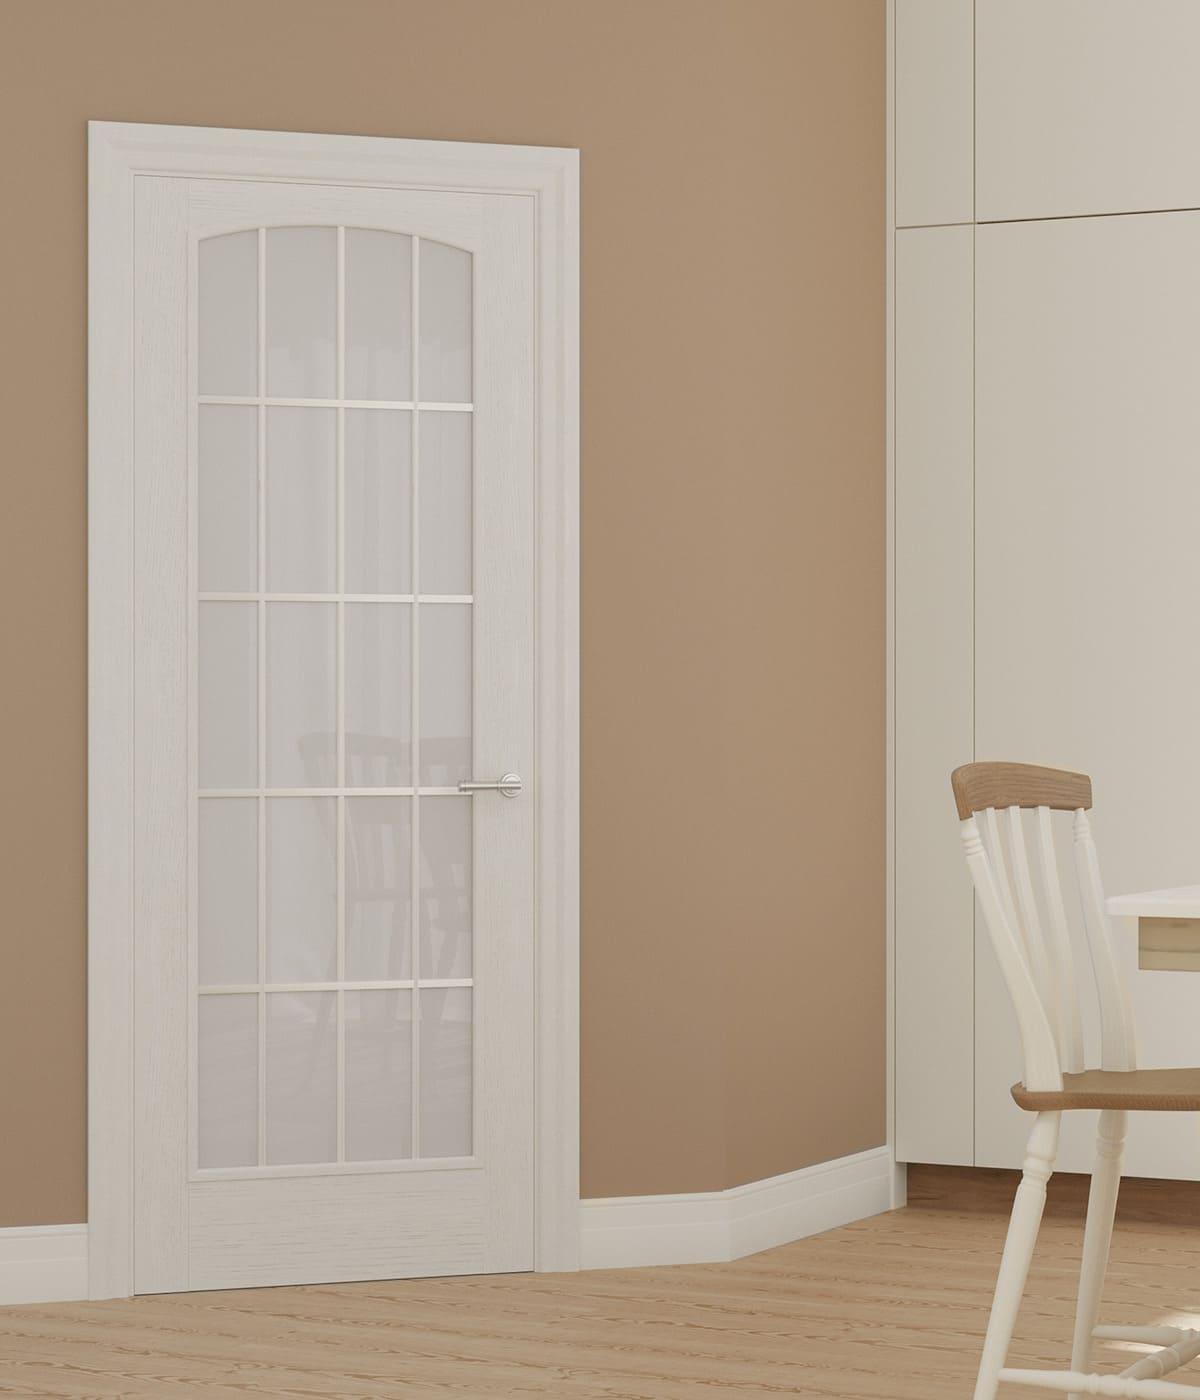 portes intérieures photo 7